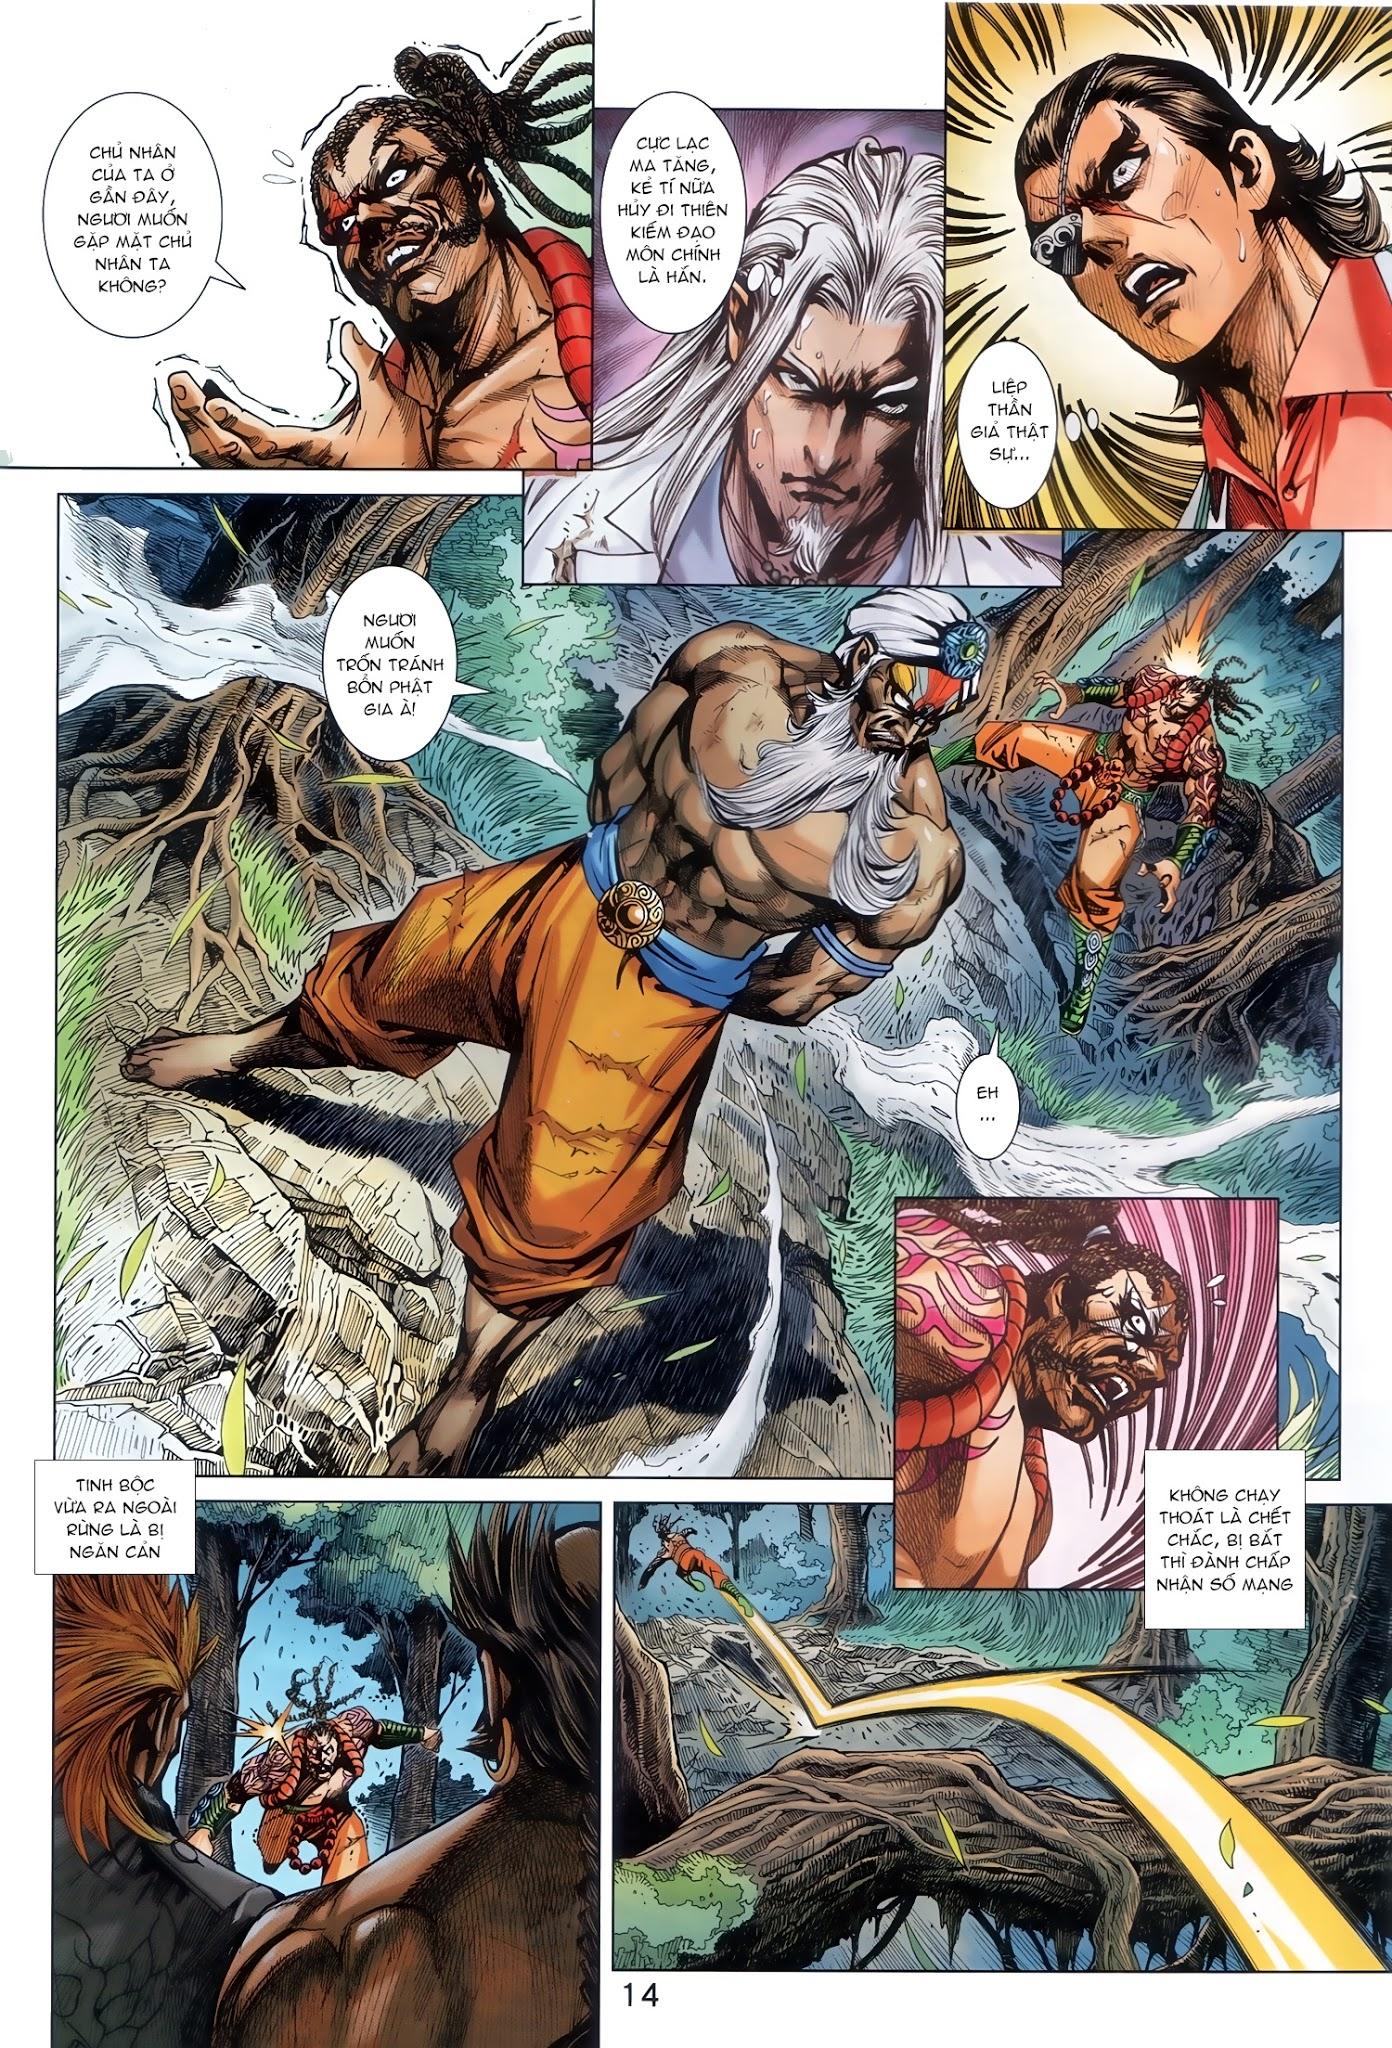 Tân Tác Long Hổ Môn Chap 888 - Trang 14